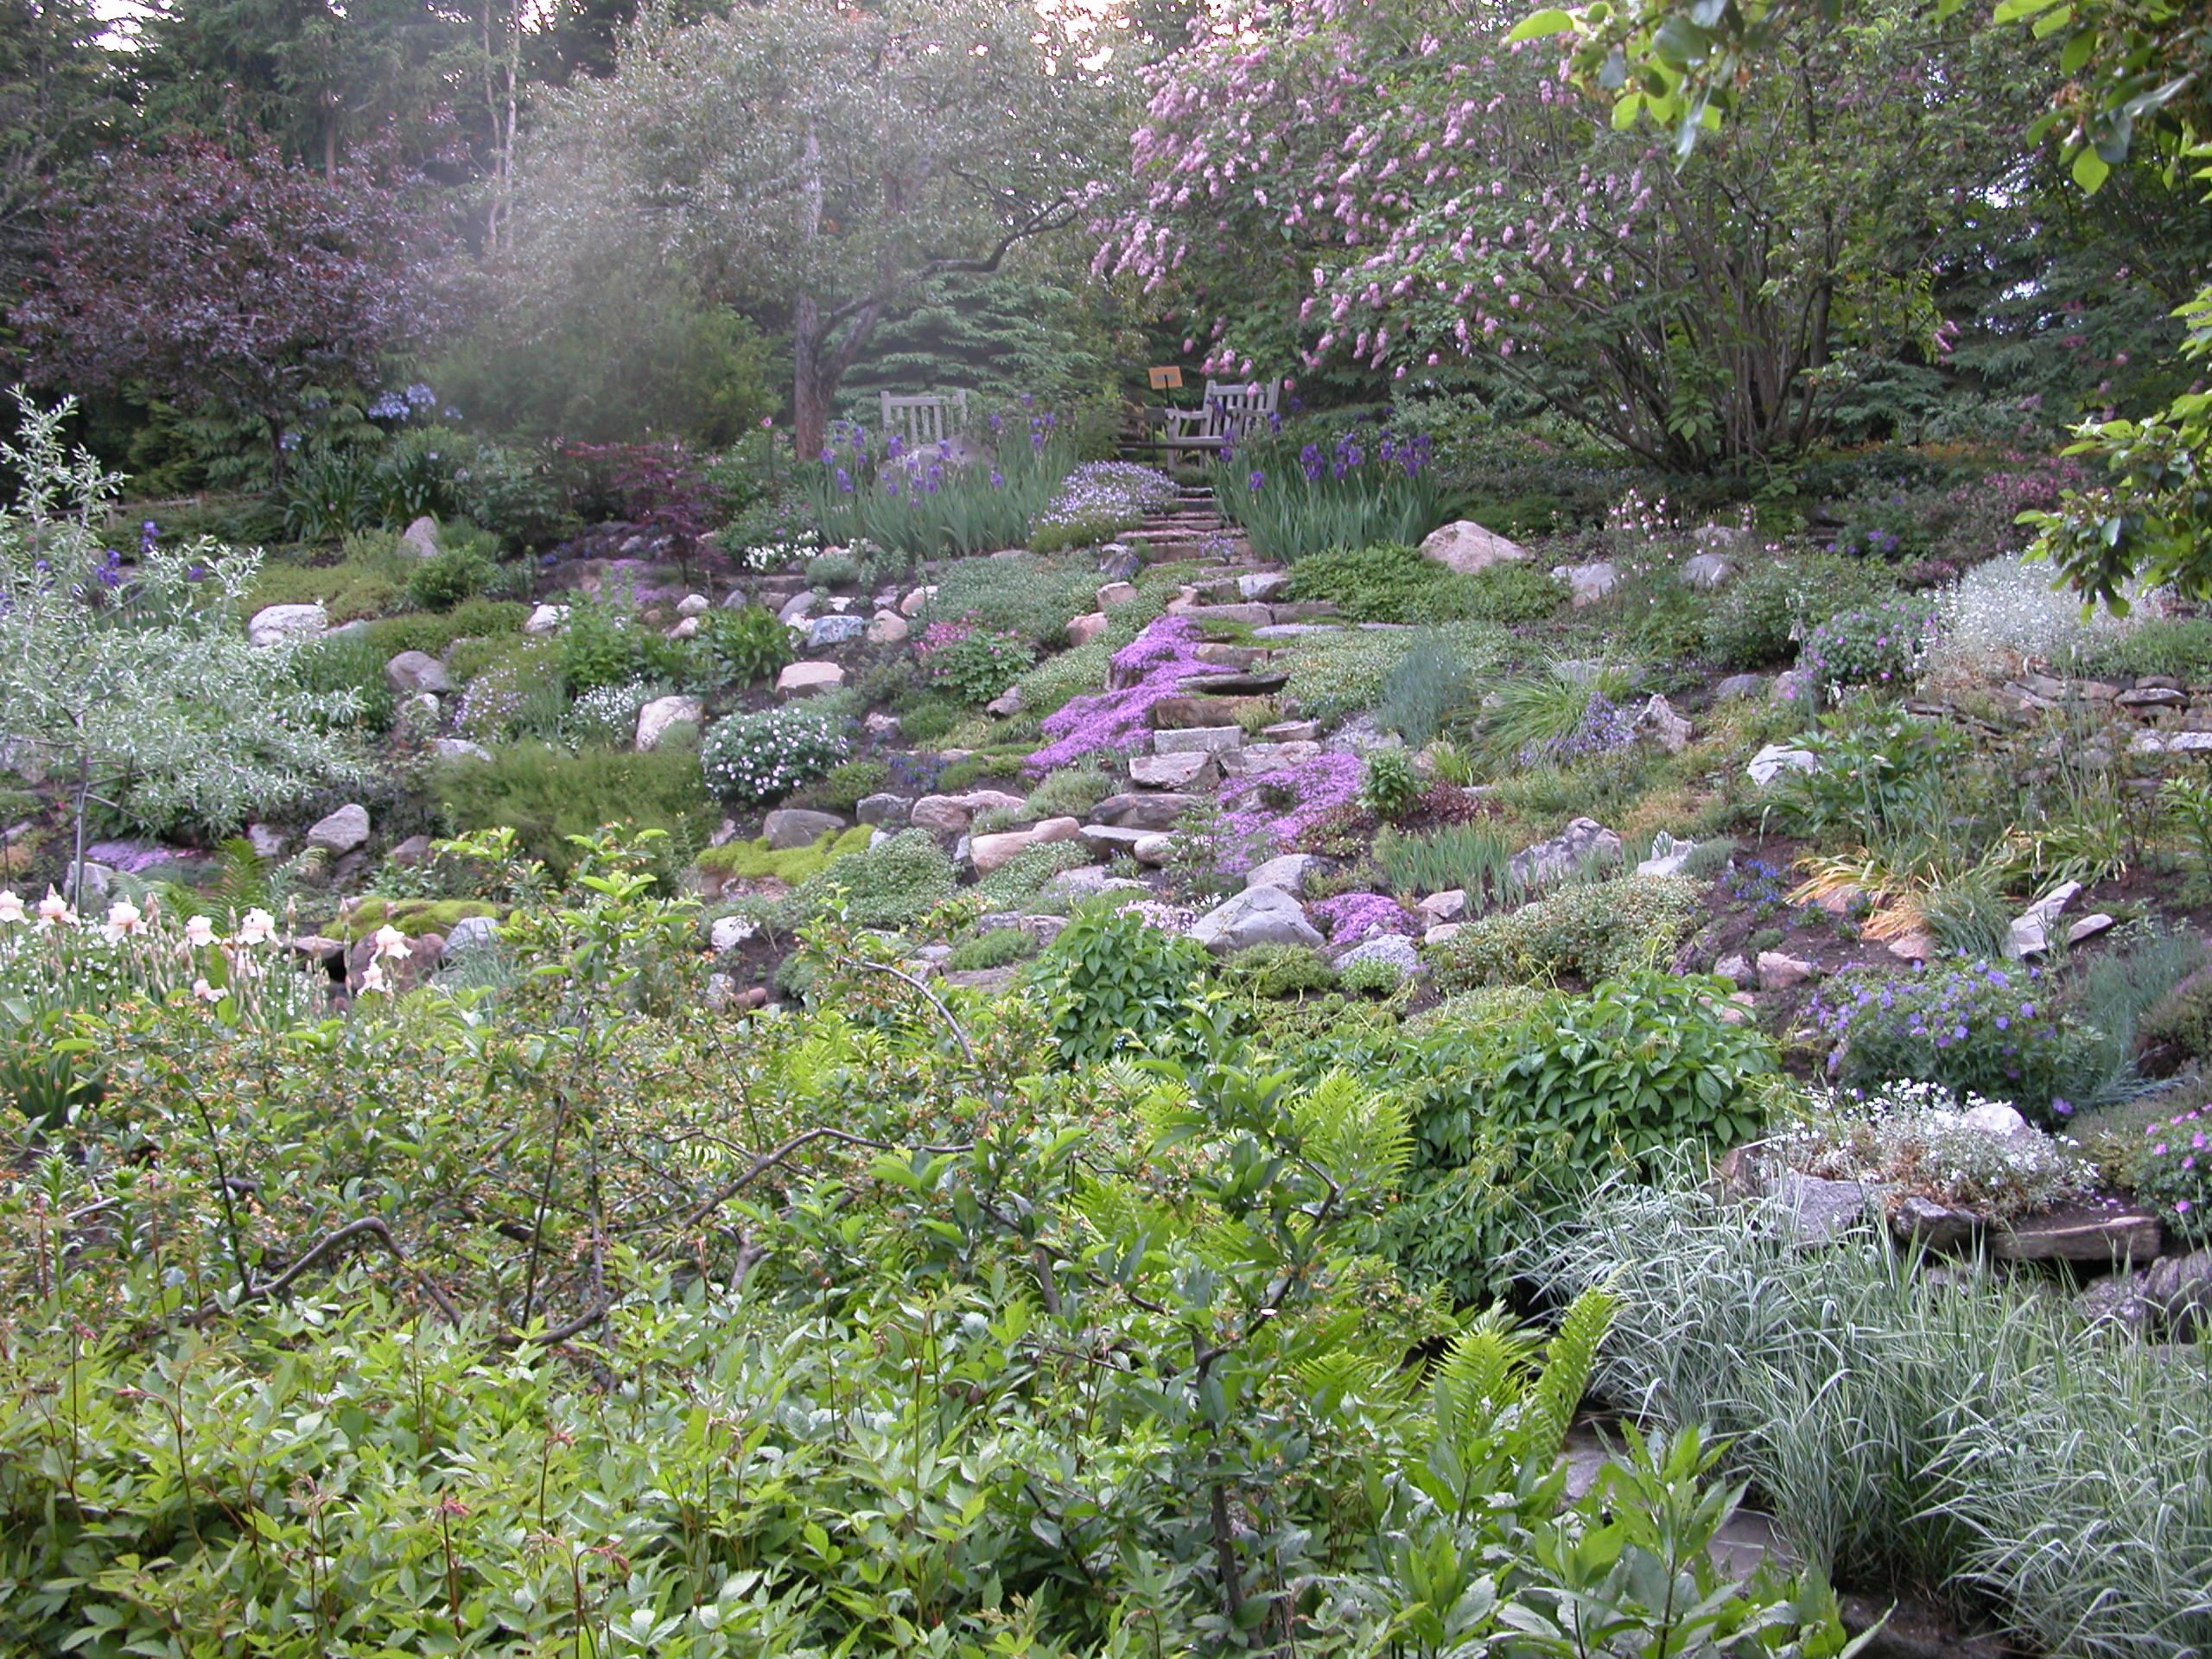 Les jardins de metis elsie reford s paradise hortus 2 for Innendekoration munsingen